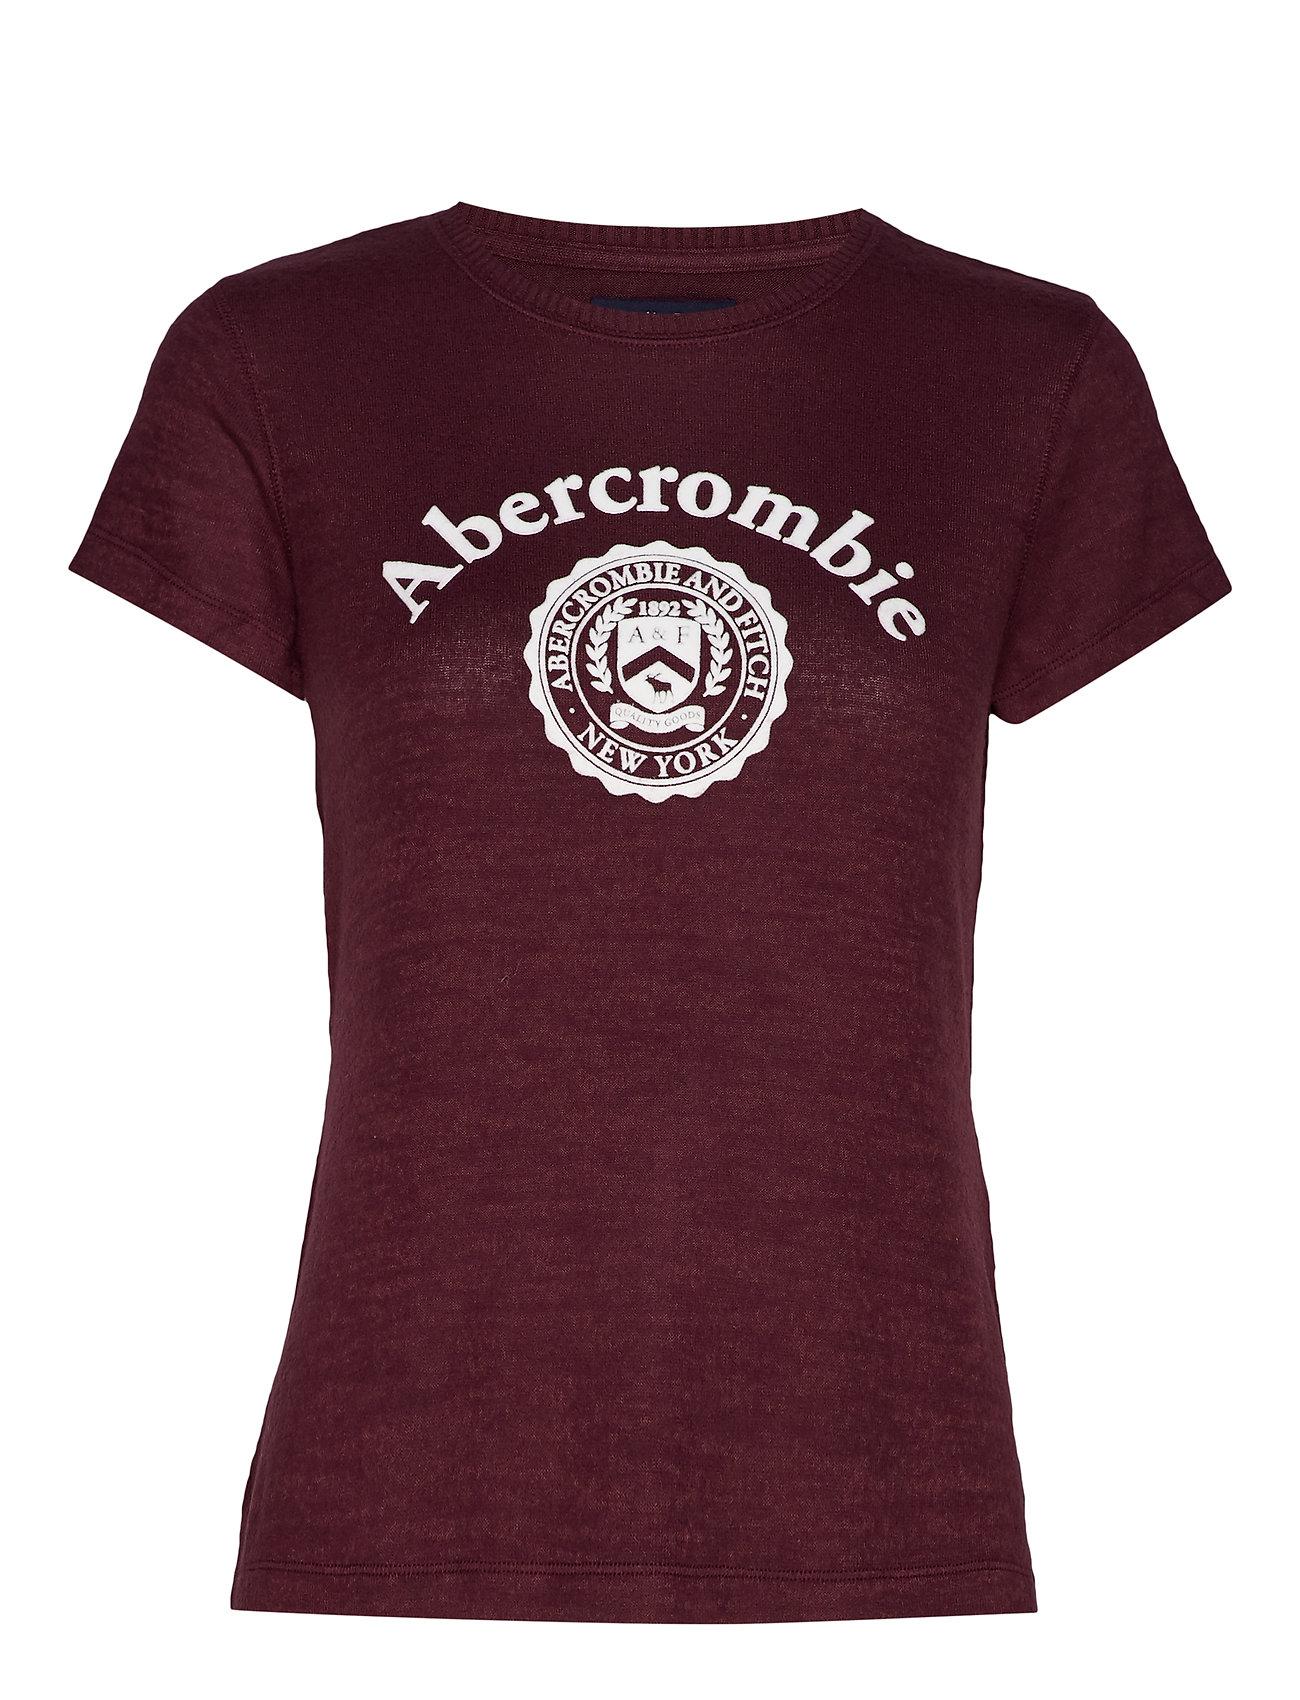 Abercrombie & Fitch Cozy Logo Tee - BURGUNDY DD